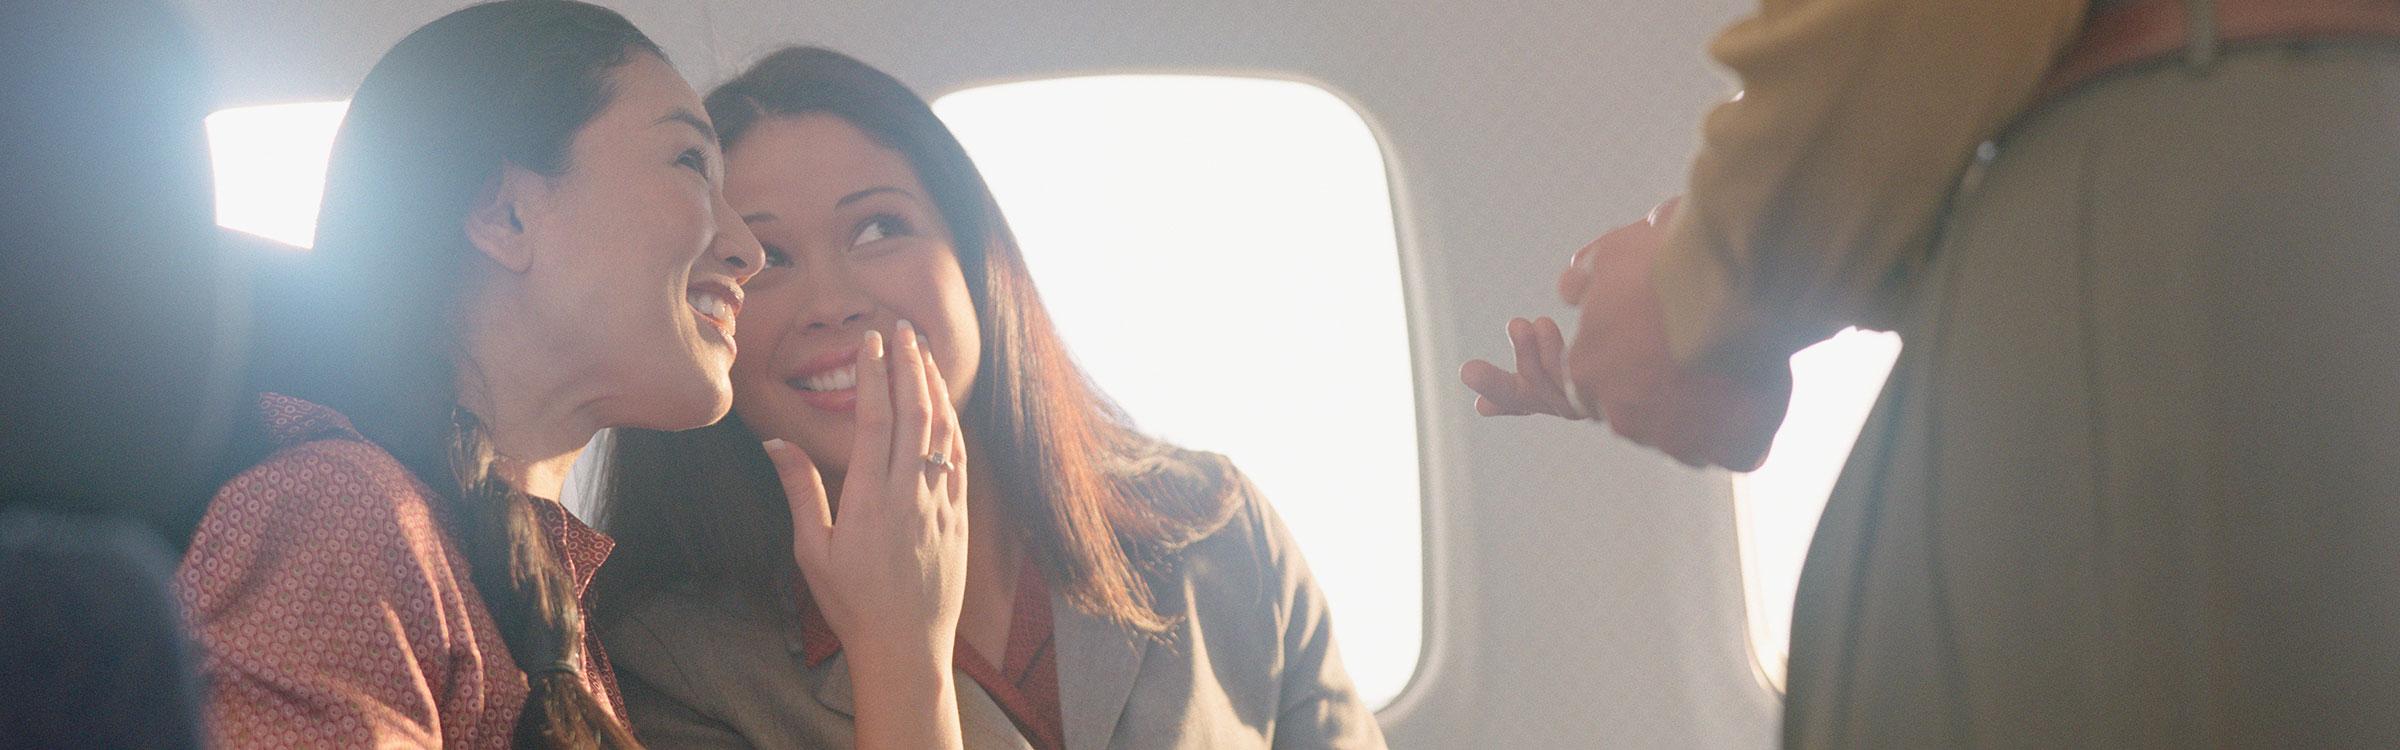 Flirten in het vliegtuig